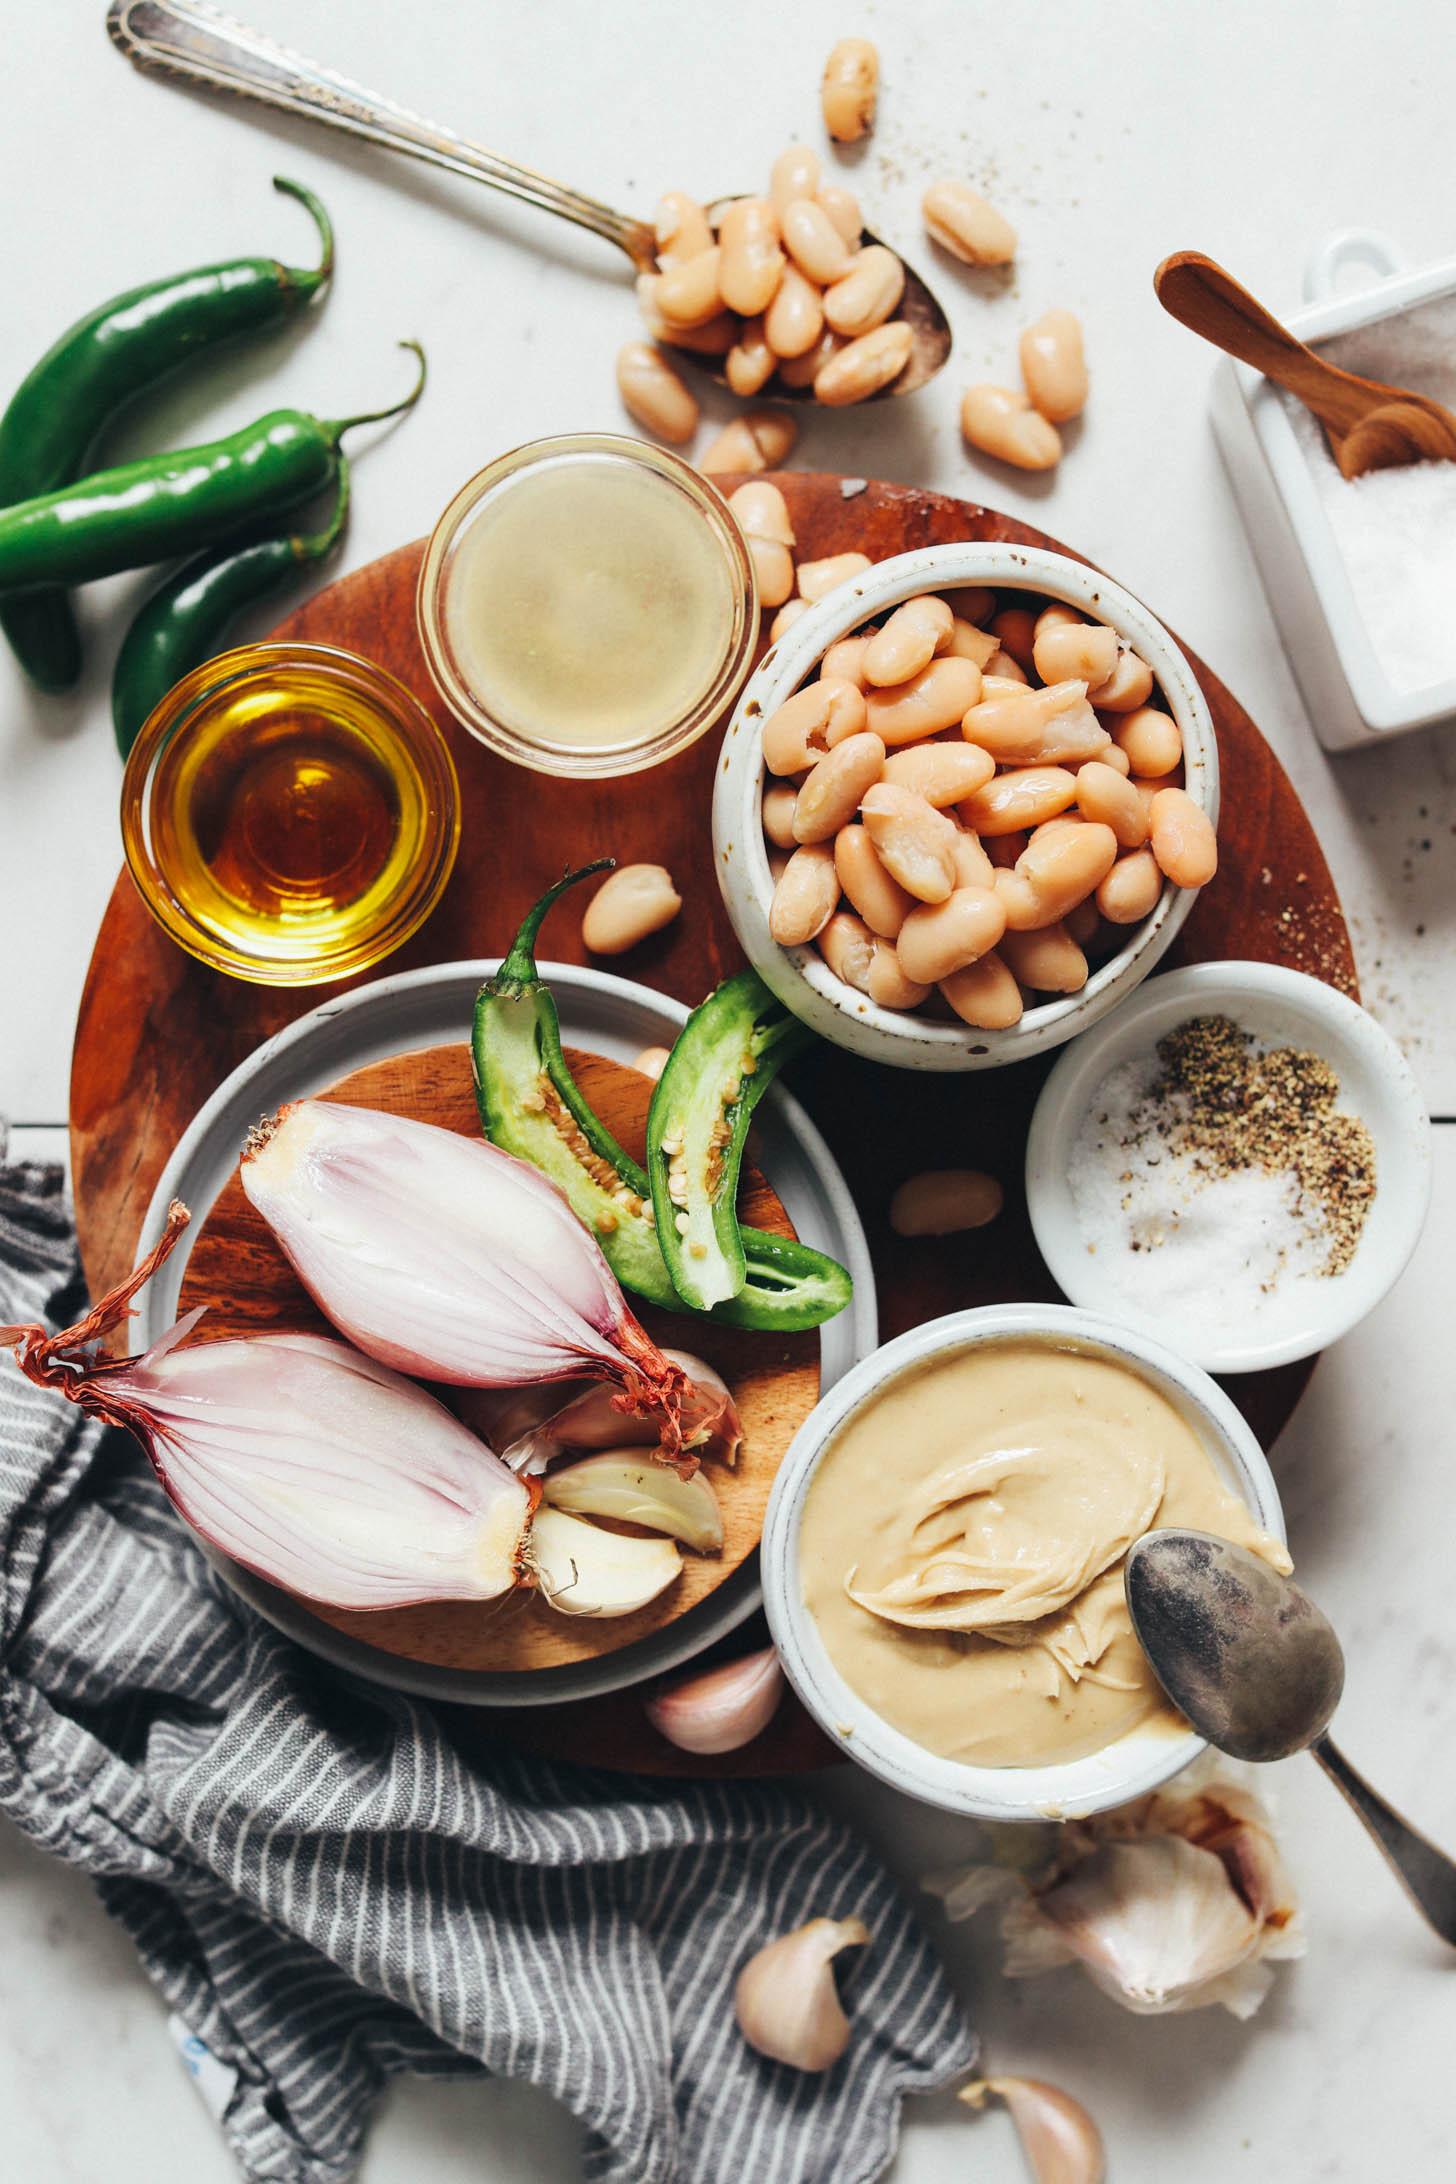 Serrano peppers, white beans, lemon, olive oil, shallot, garlic, cashew butter, salt, and pepper